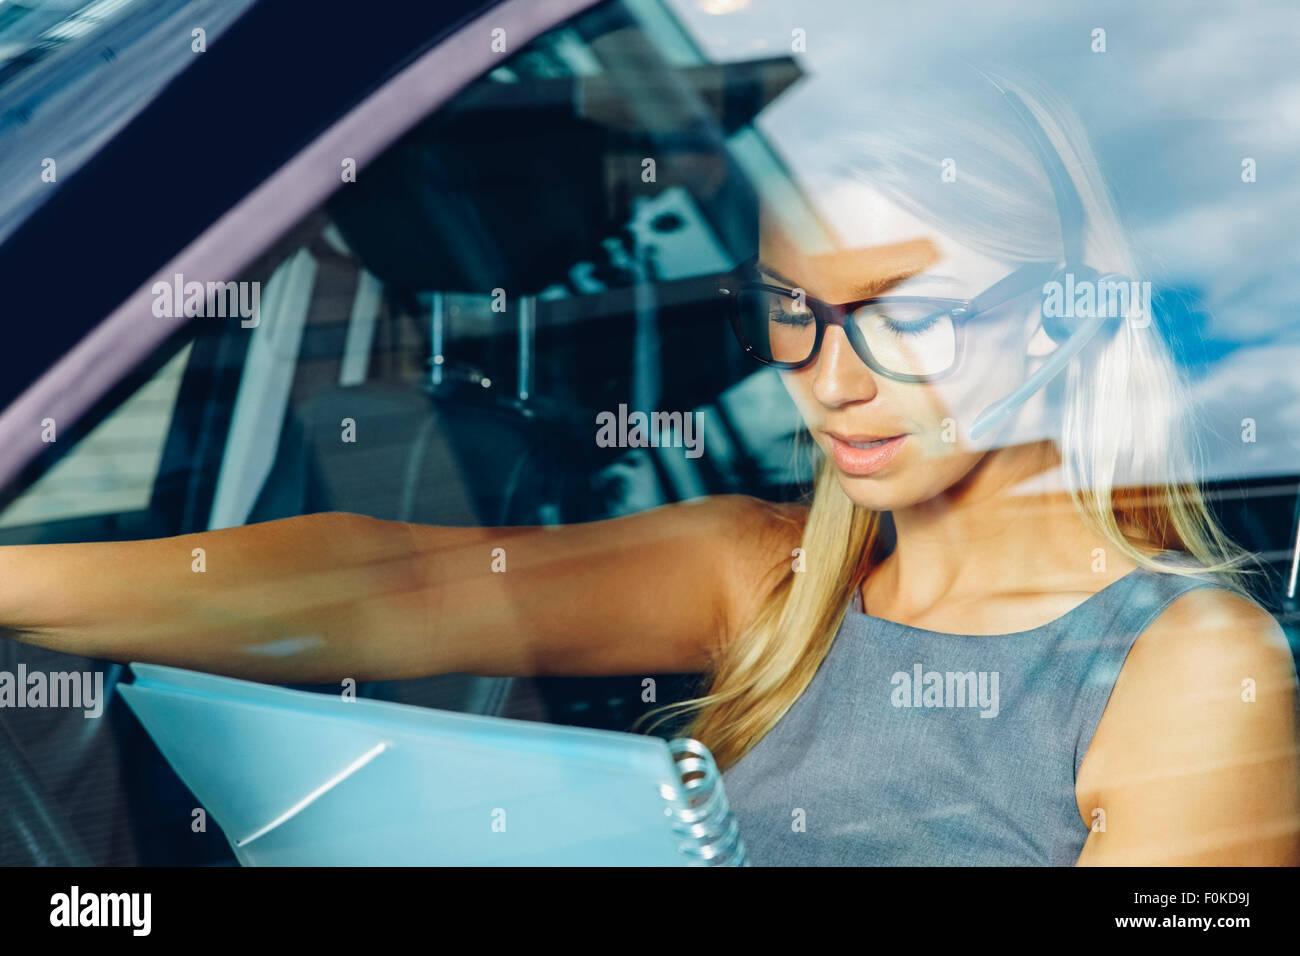 La empresaria vistiendo dispositivo inalámbrico Bluetooth en el coche Imagen De Stock